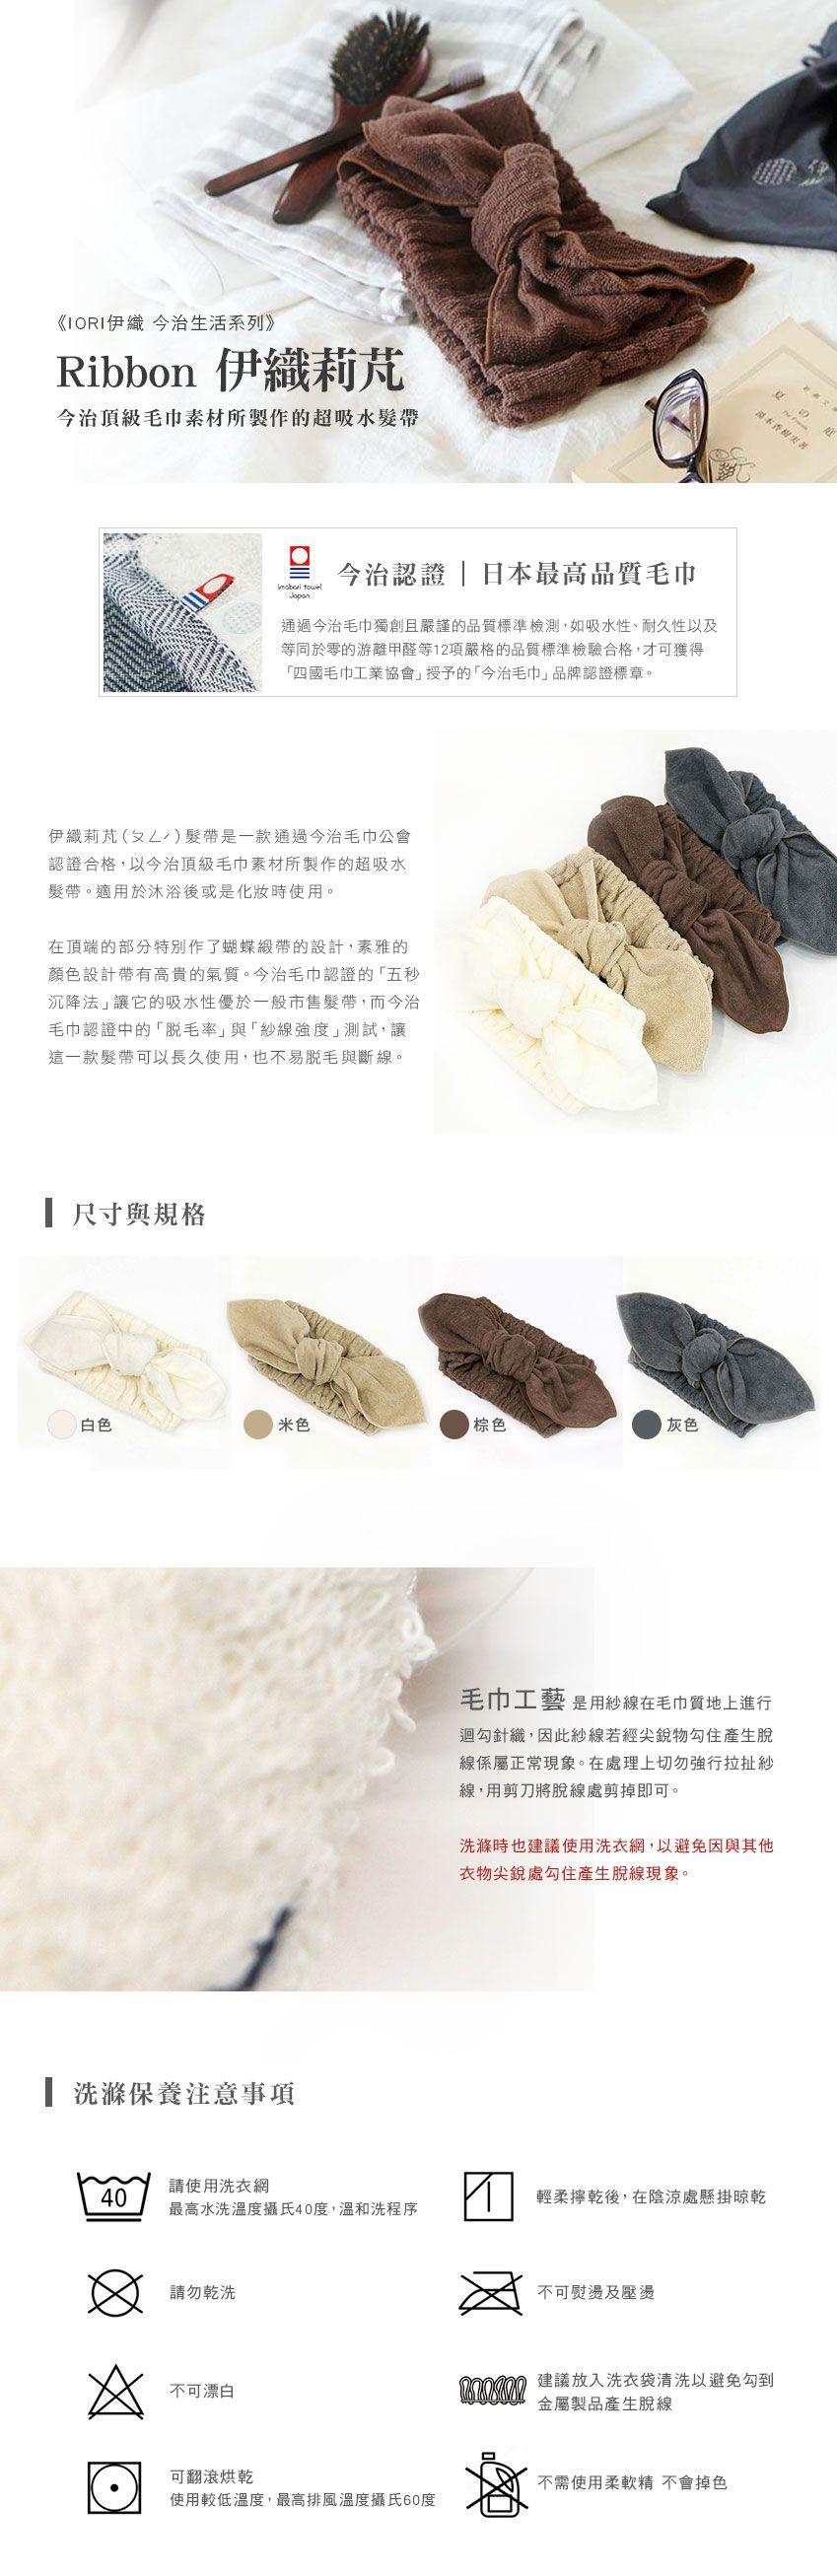 日本 今治毛巾 伊織 莉芃(Ribbon) 髮帶